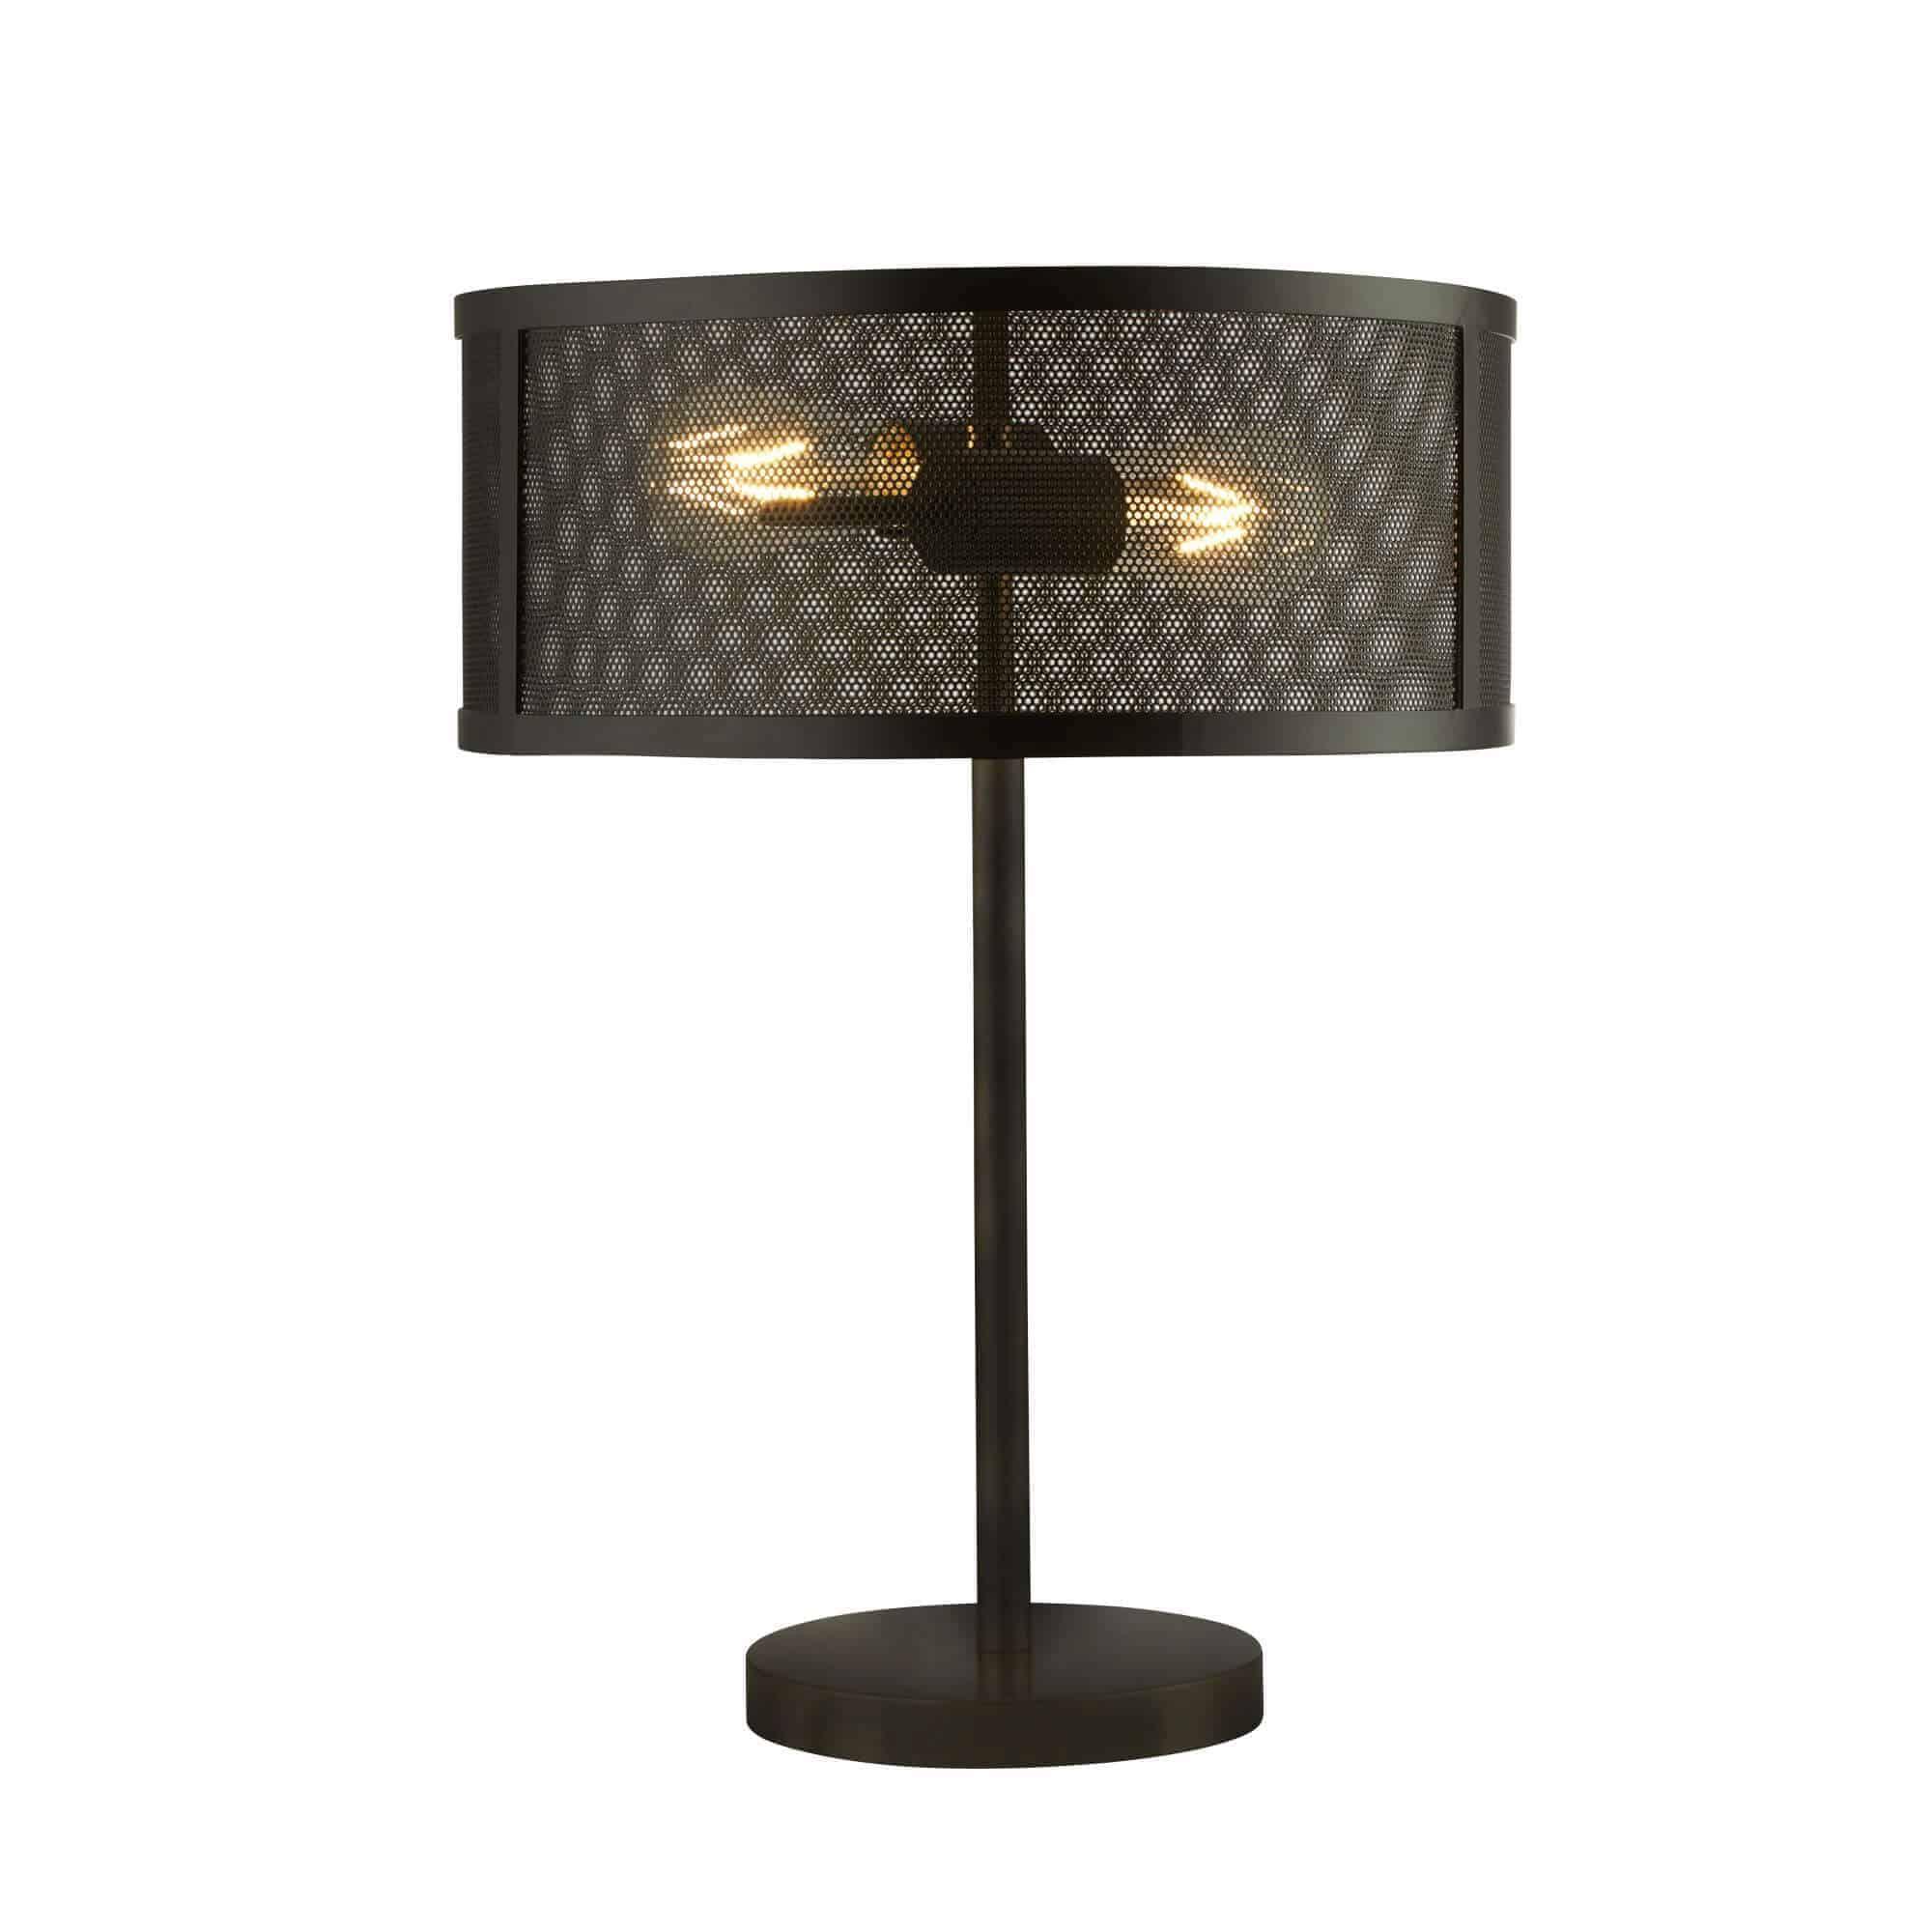 2822-2BK – Searchlight Fishnet Matt Black 2 Light Table Lamp